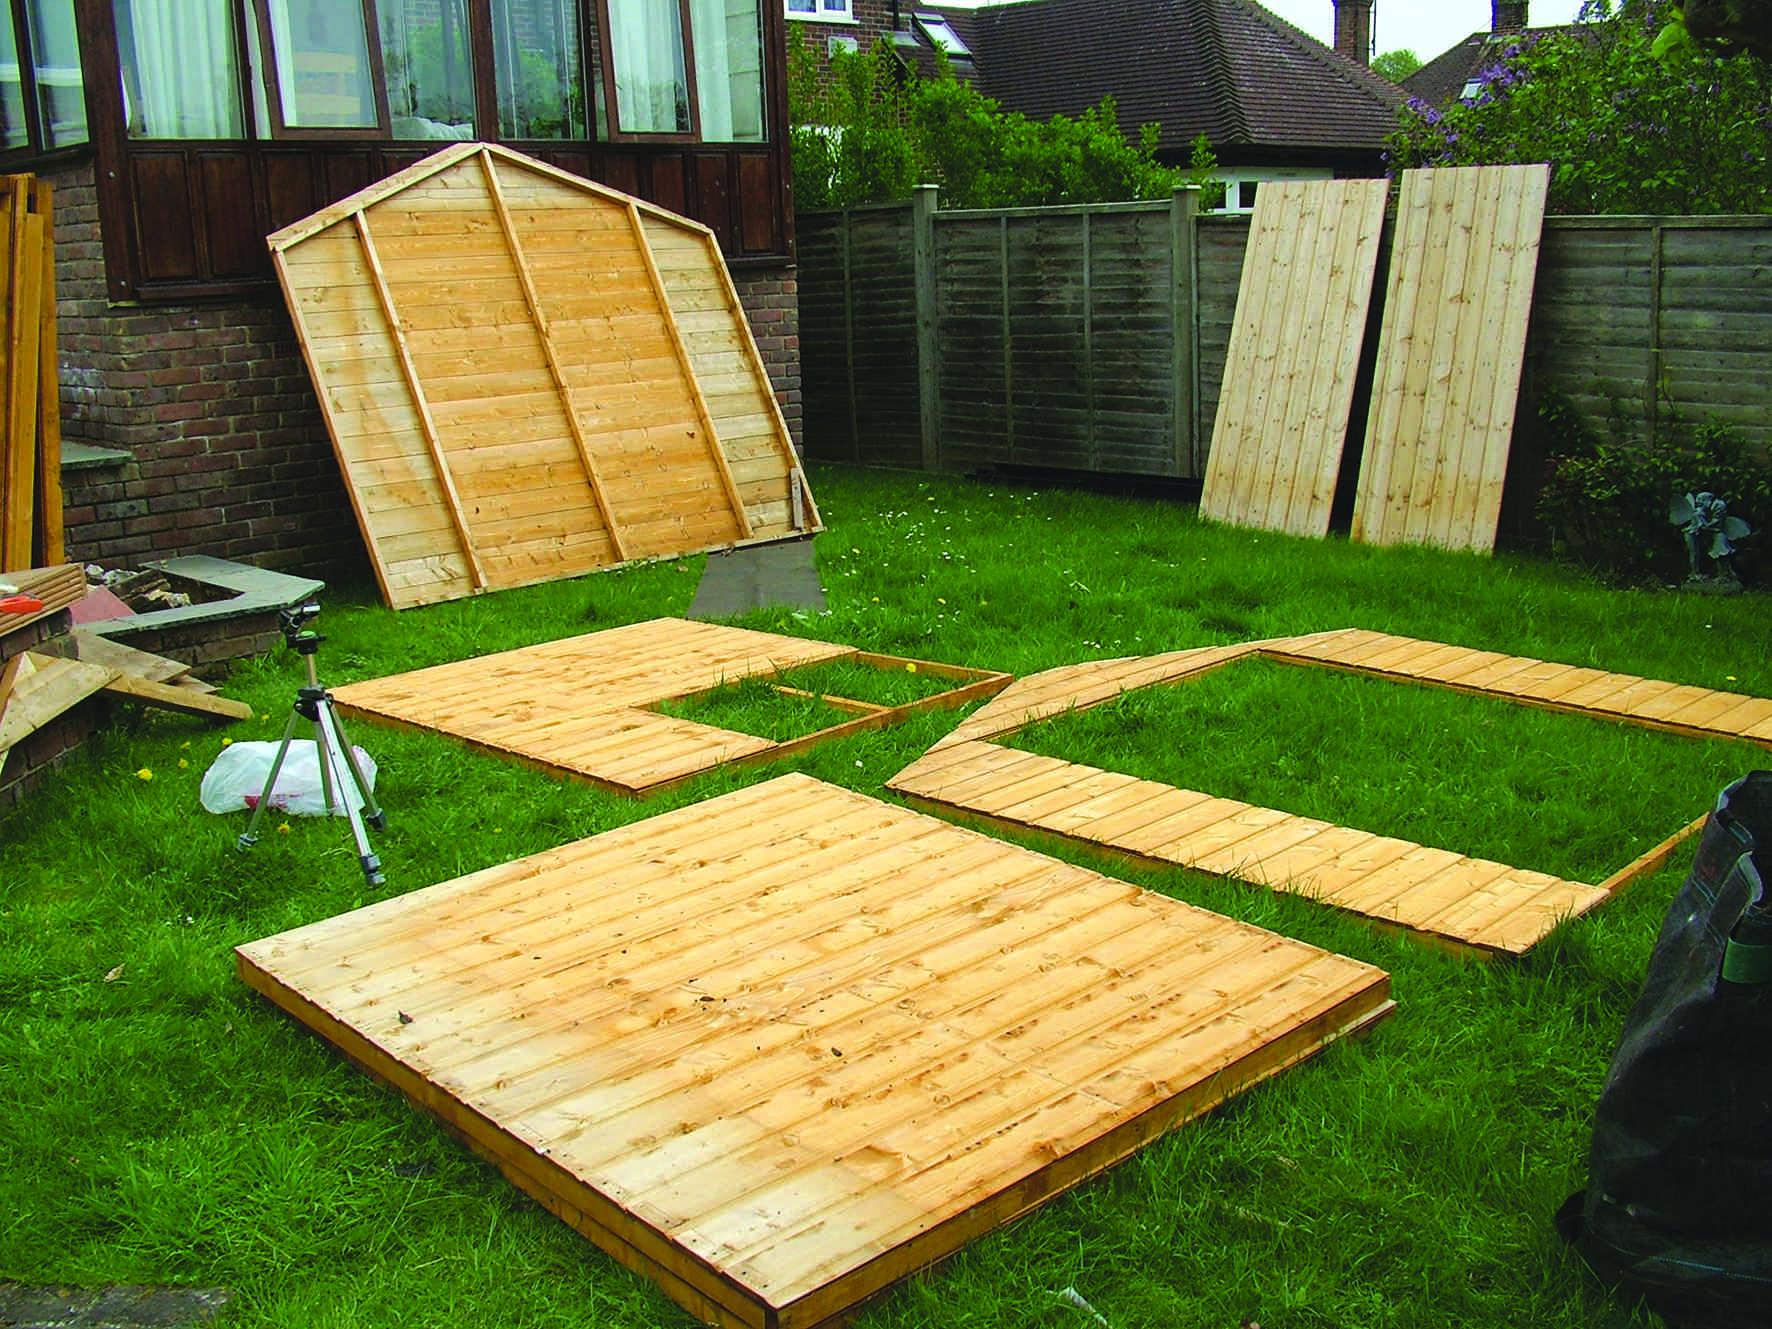 Construire son abri de jardin en bois comment monter son for Construire abri jardin